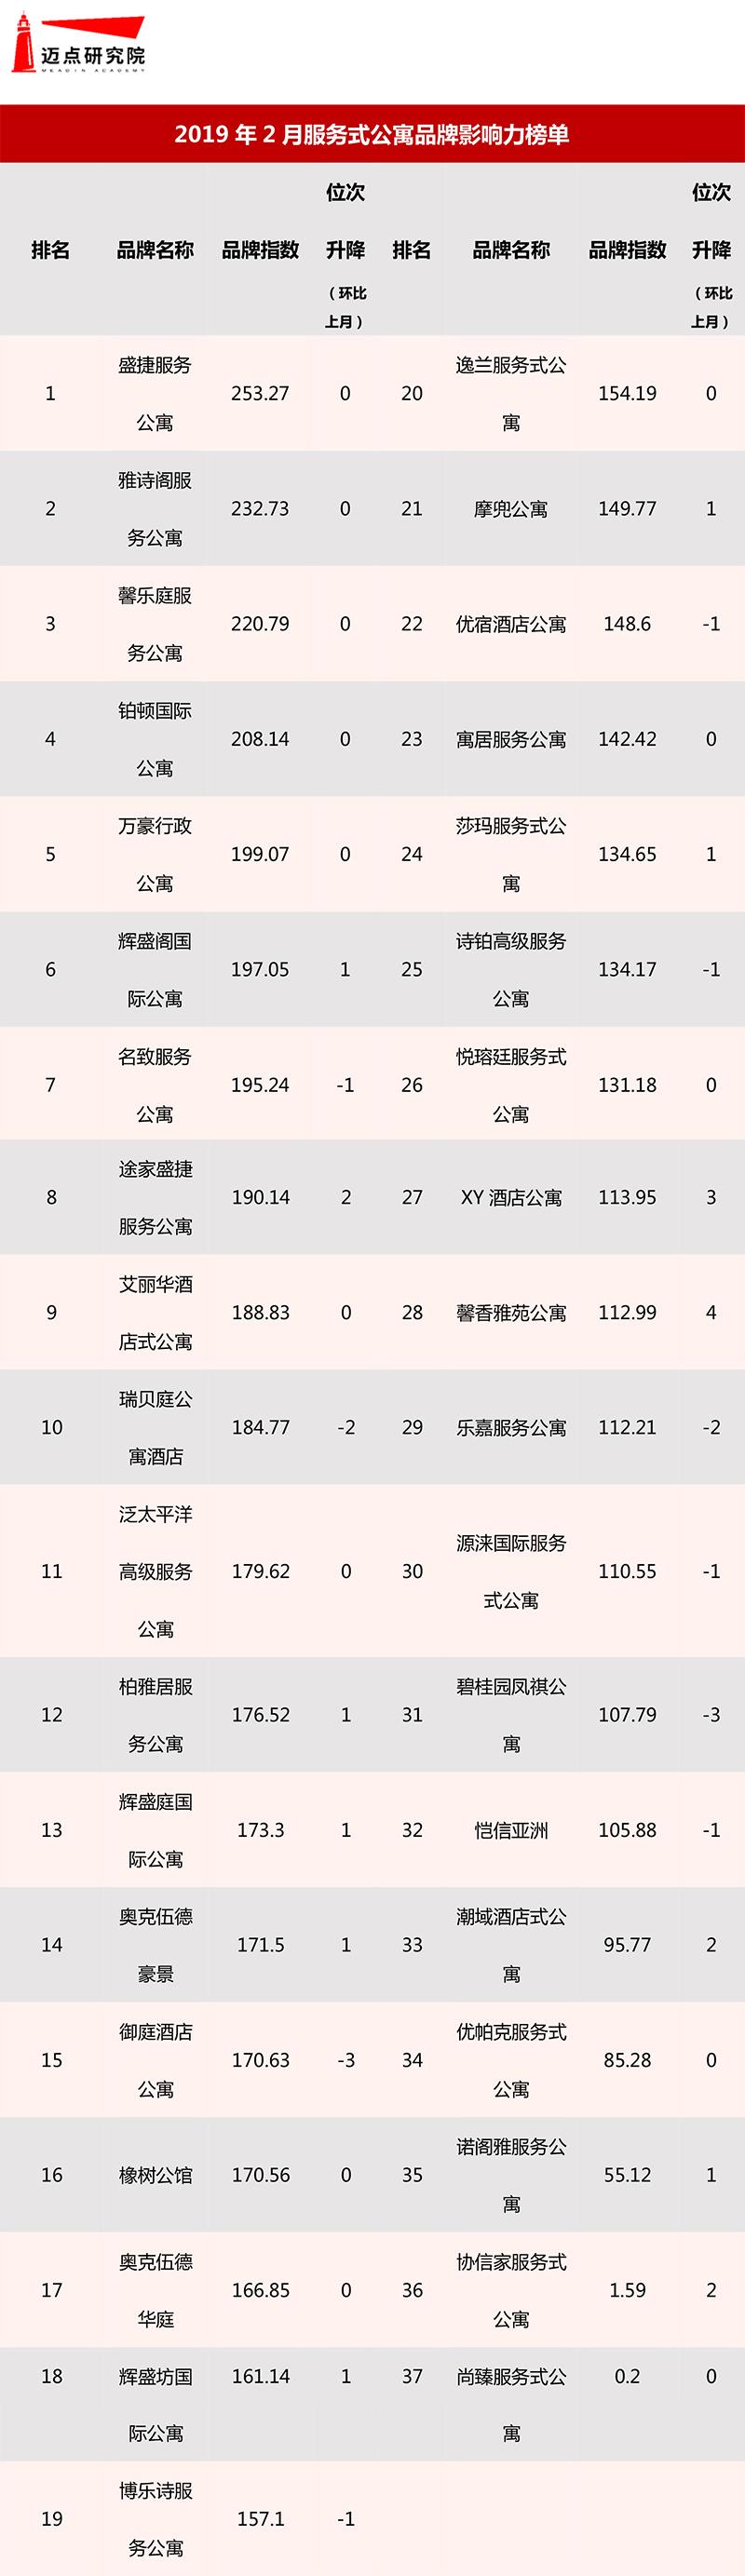 2019年2月服务式长租公寓品牌影响力榜单.jpg